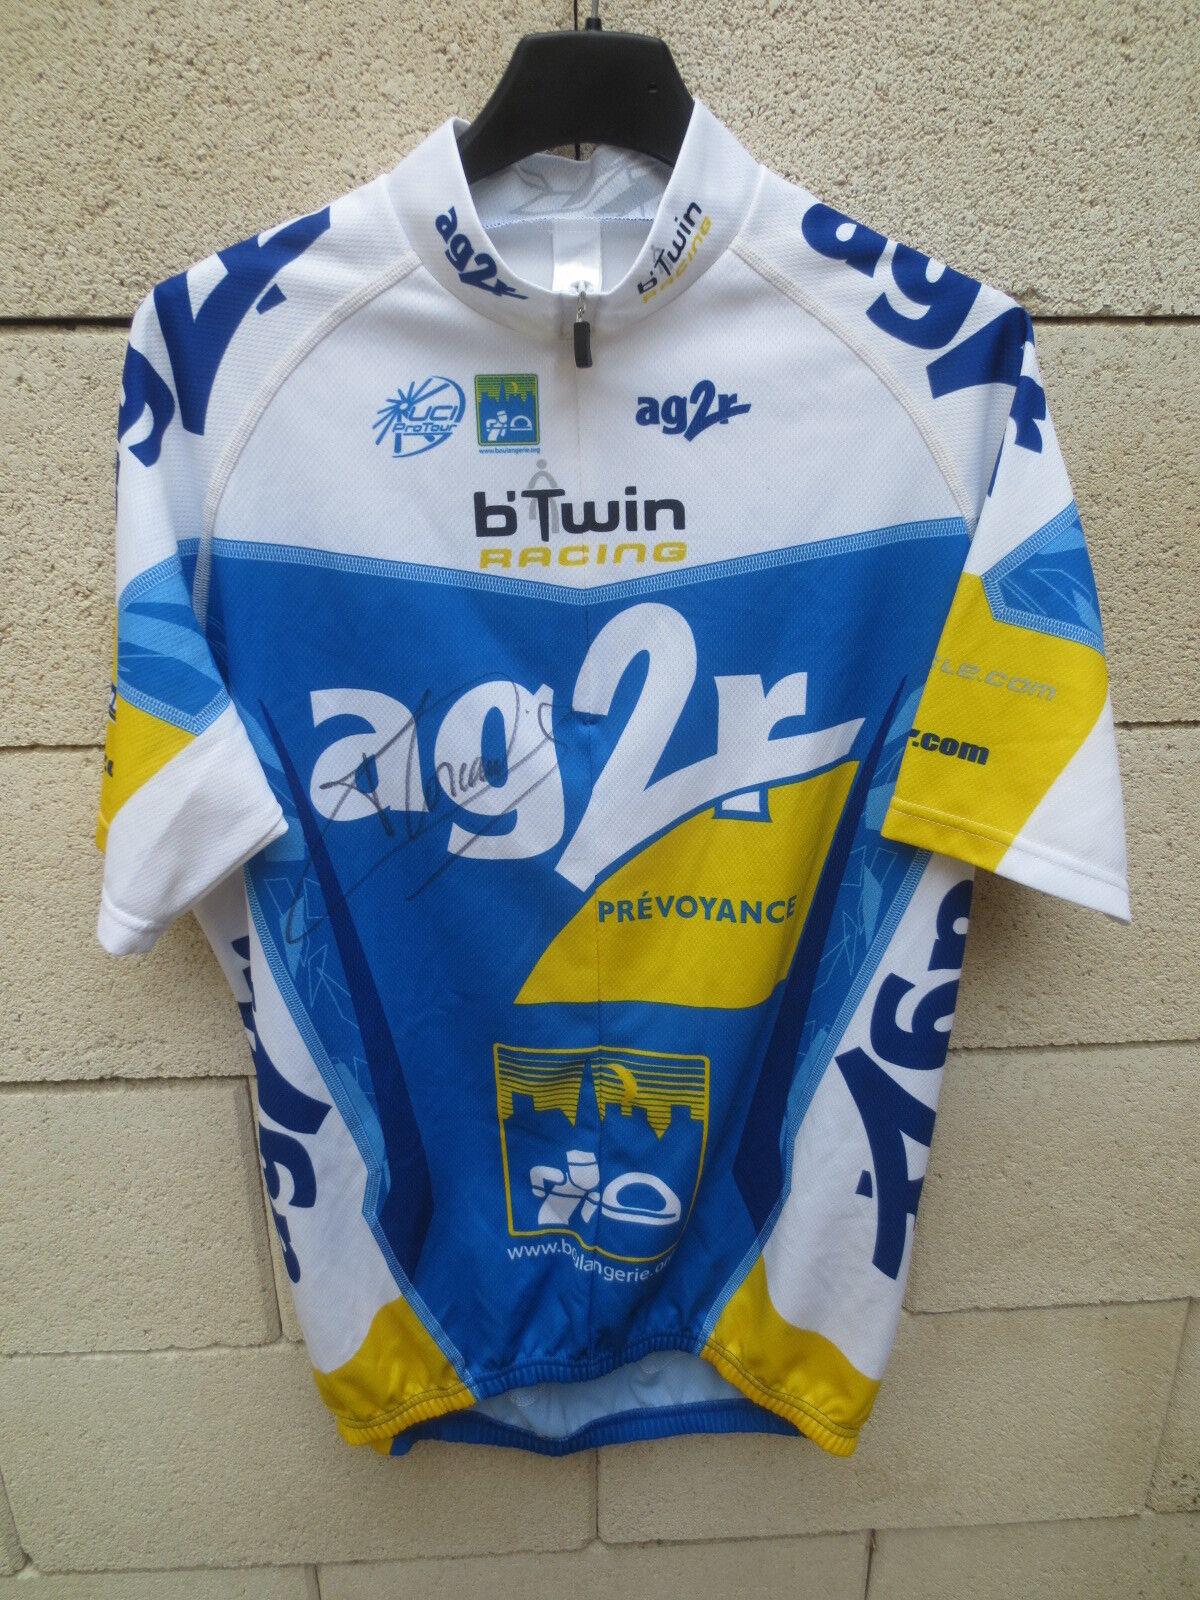 Maillot cycliste AG2R UCI Pro Tour 2007 signé dédicacé Christophe Moreau shirt L